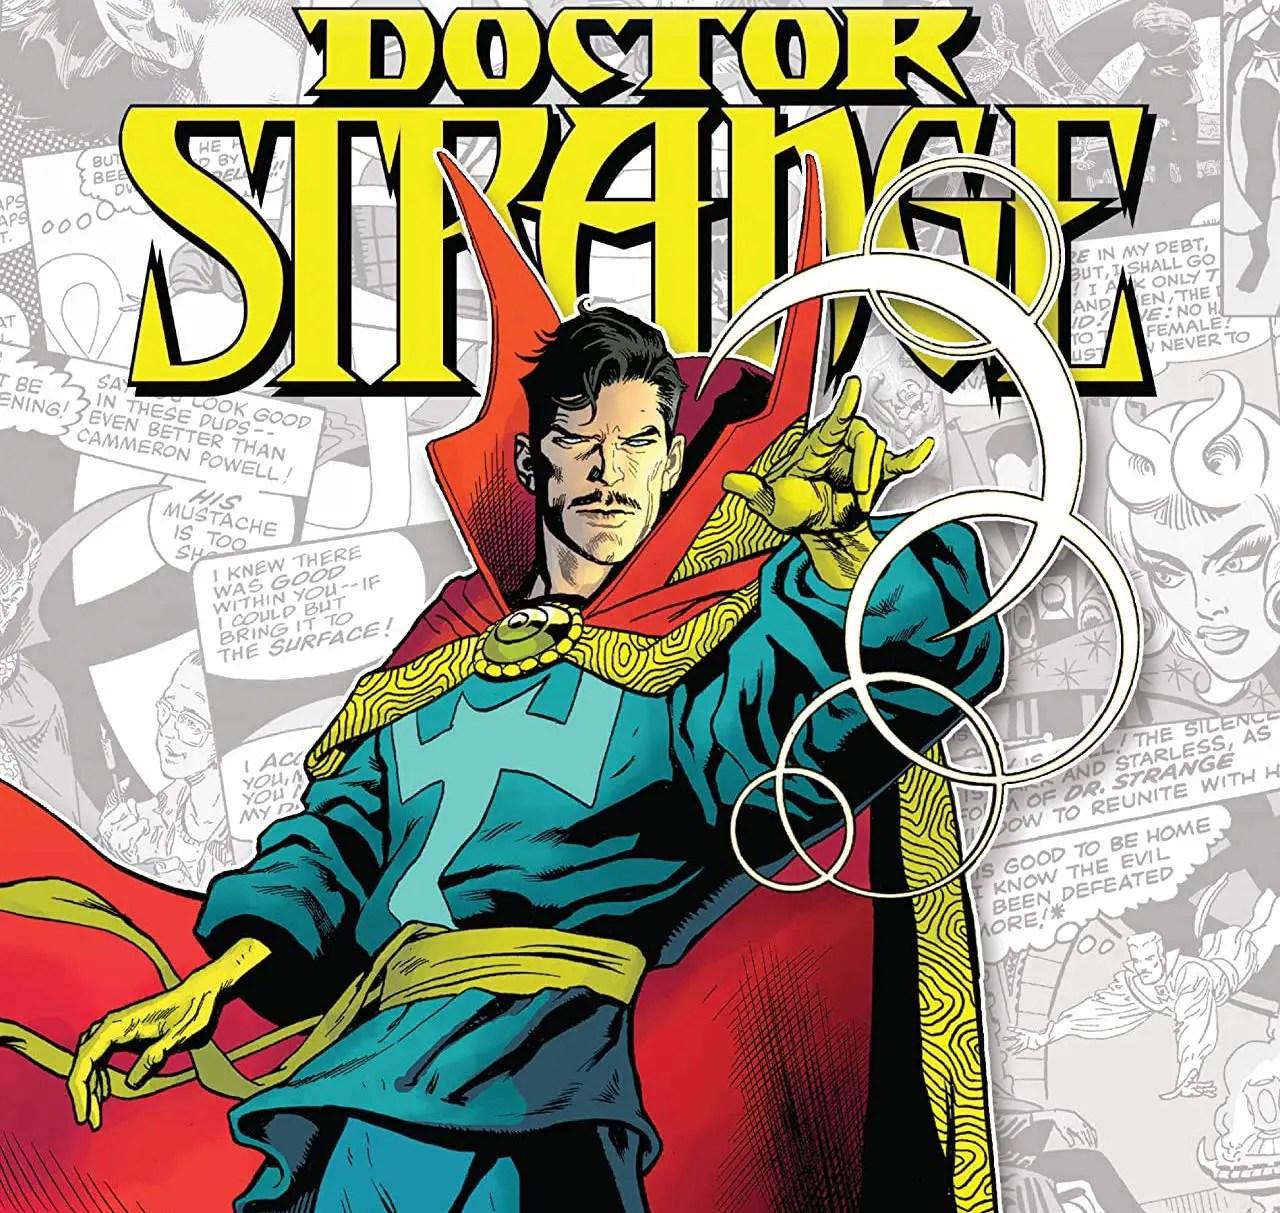 'Marvel-Verse: Doctor Strange' shows off the many facets of the Sorcerer Supreme